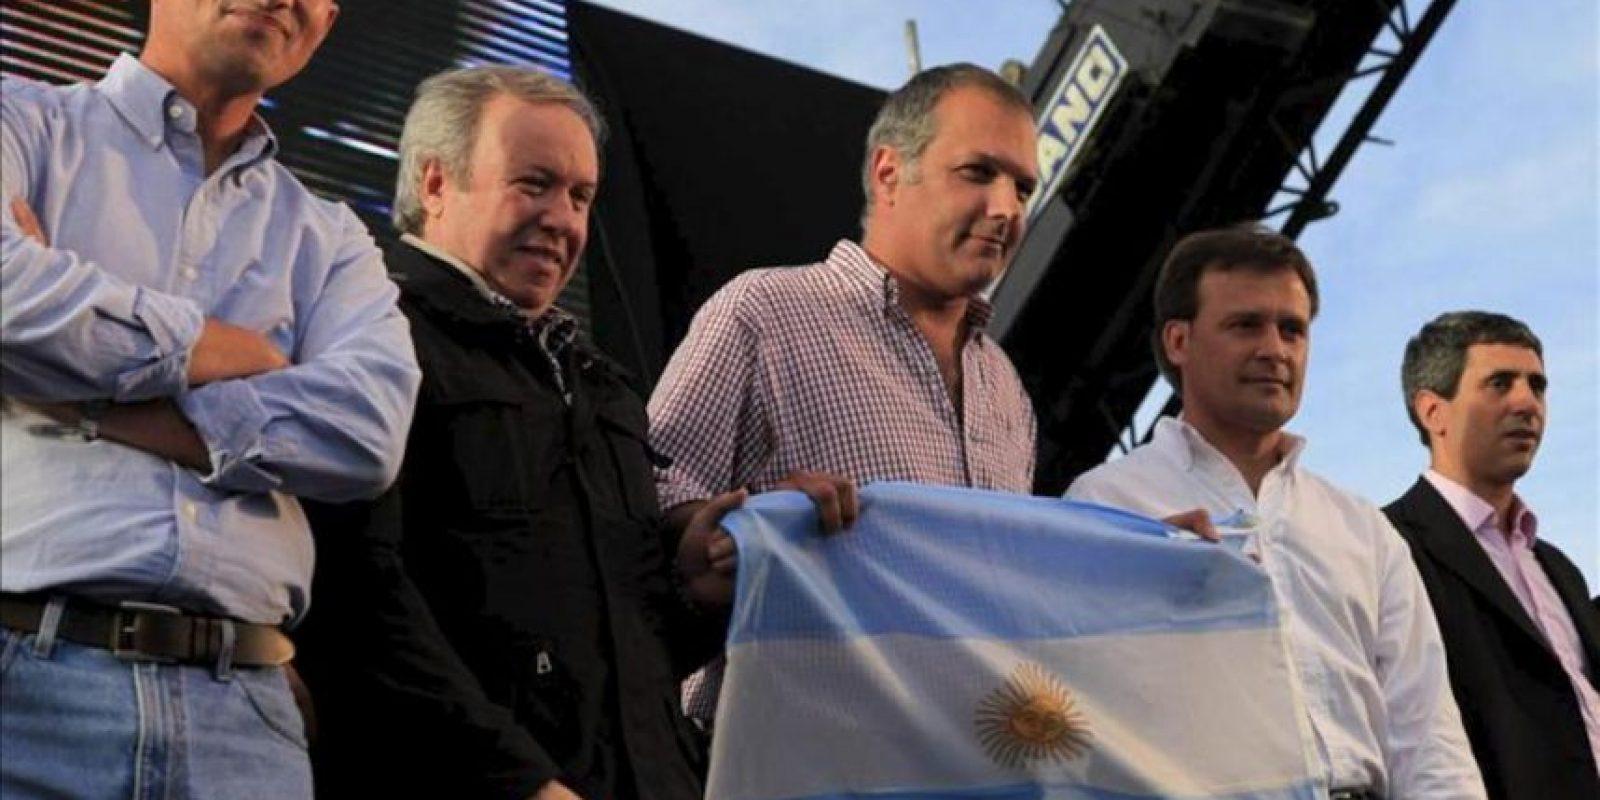 En la imagen, el gobernador de la provincia de Santa Cruz, Daniel Peralta (i), y de la provincia de Chubut Martín Buzzi (d), participan junto a otras autoridades en el acto en que se retiraron las licencias para explorar hidrocarburos en cuatro áreas de sus provincias, a la petrolera YPF. EFE/Archivo